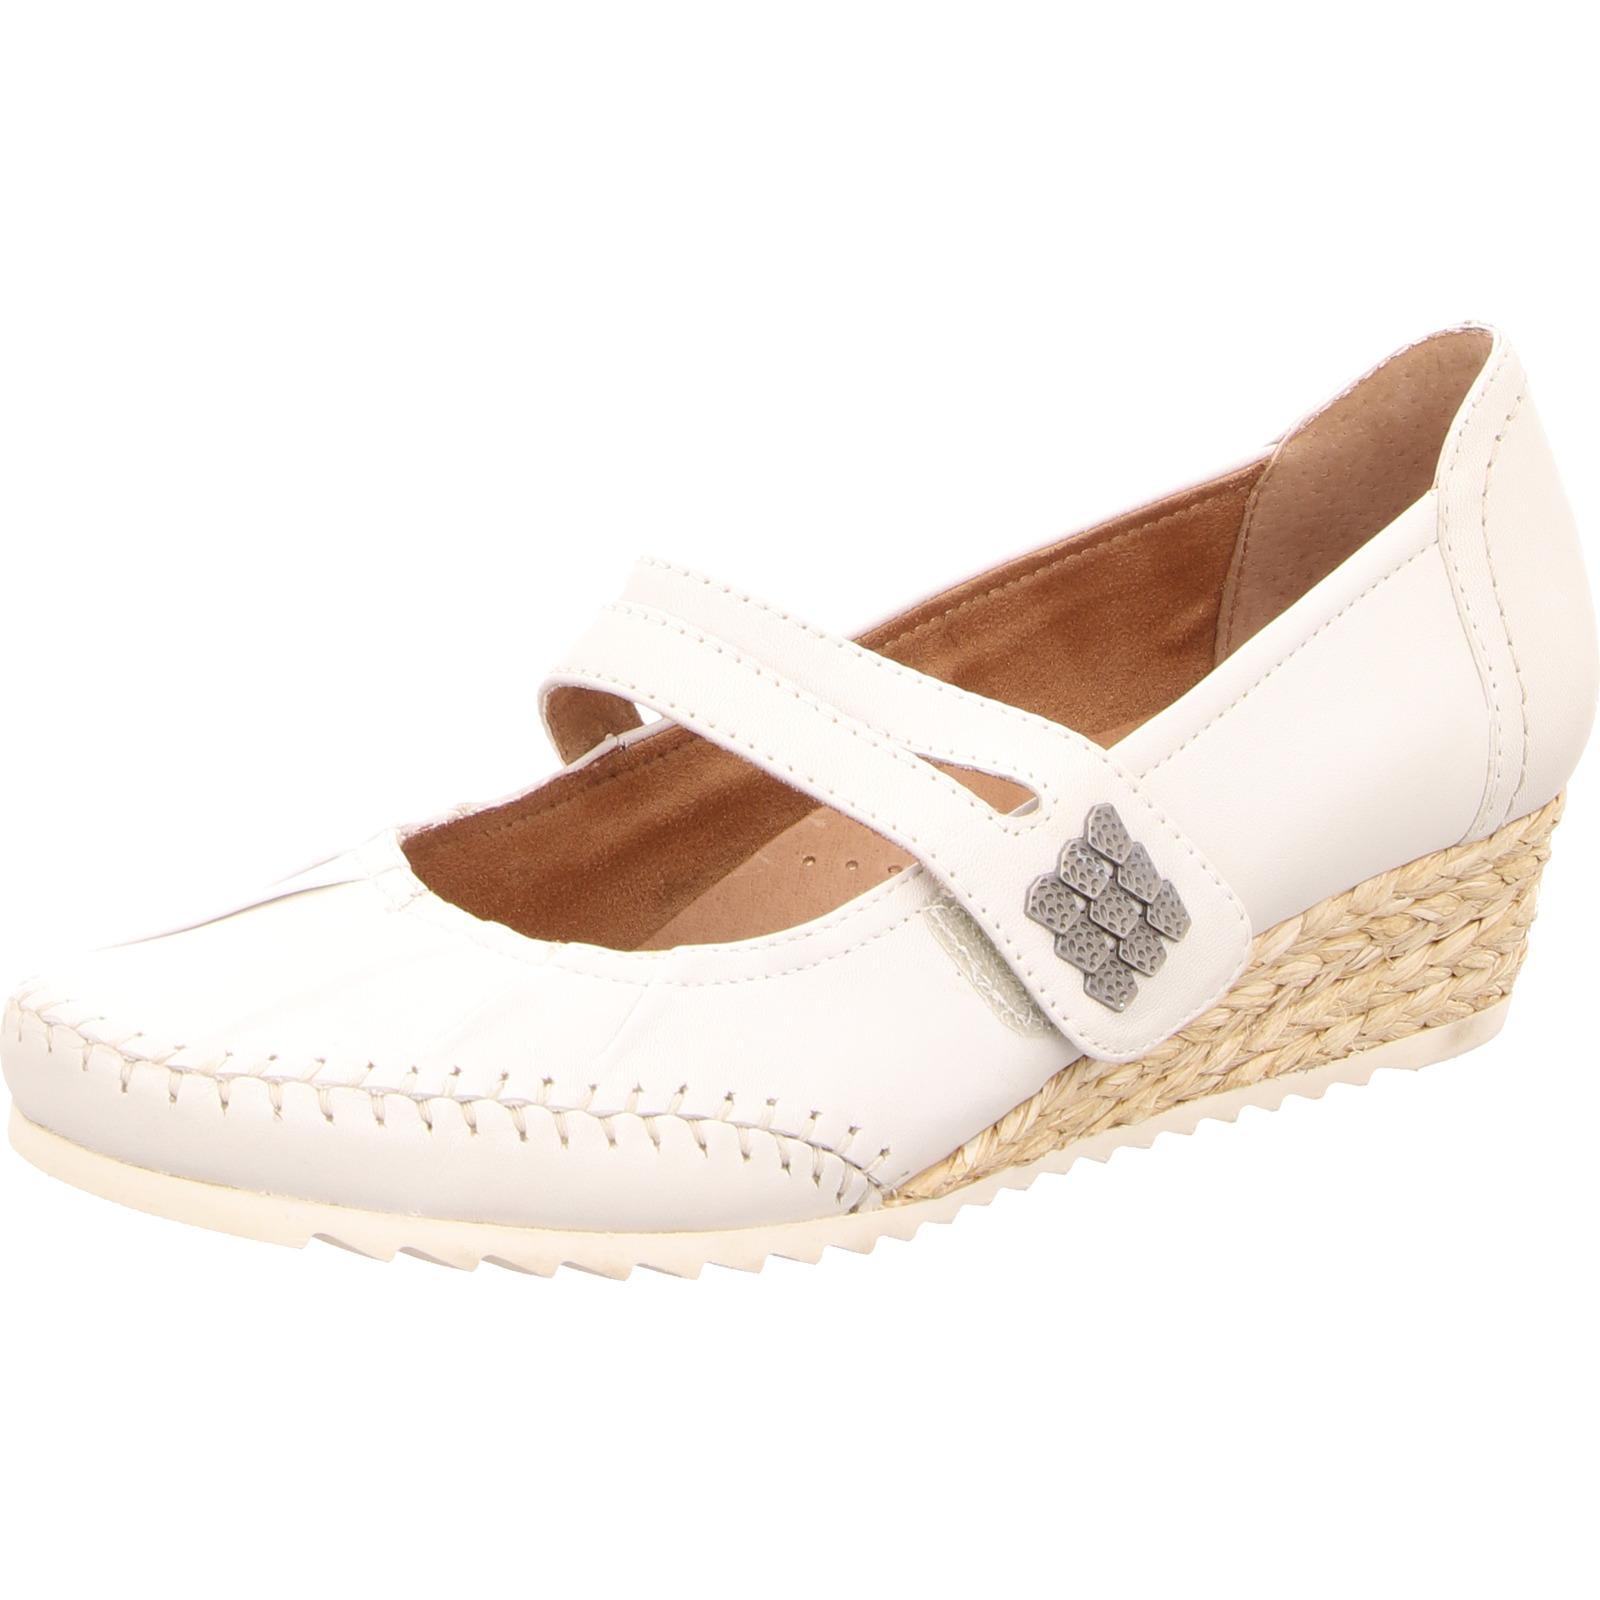 Jana Damen Sandaleette mit Keilabsatz Leder weiß